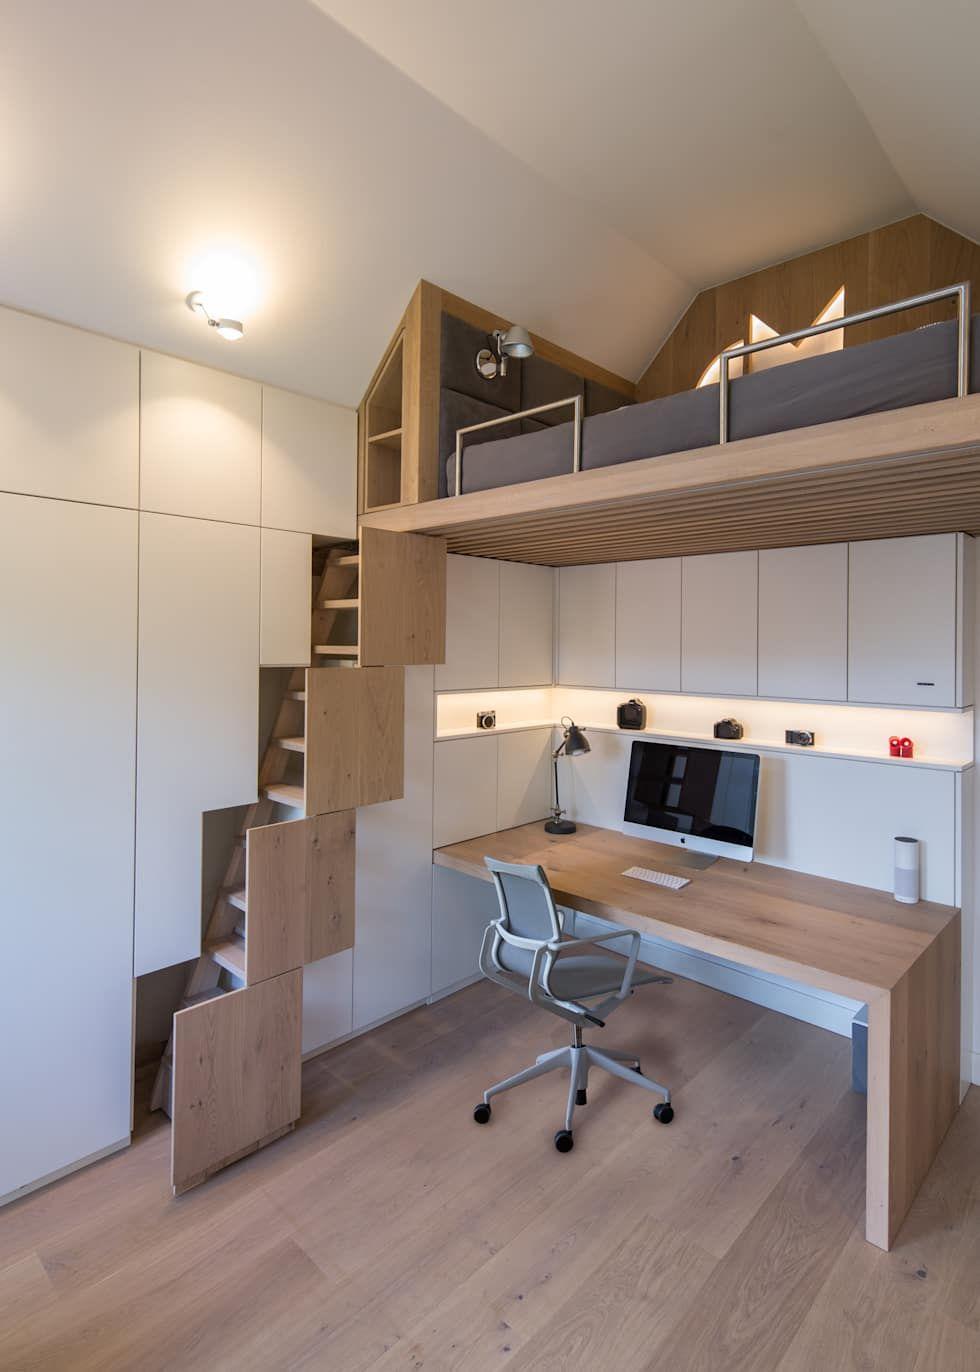 Jugendzimmer haus w moderne kinderzimmer von schulz.rooms